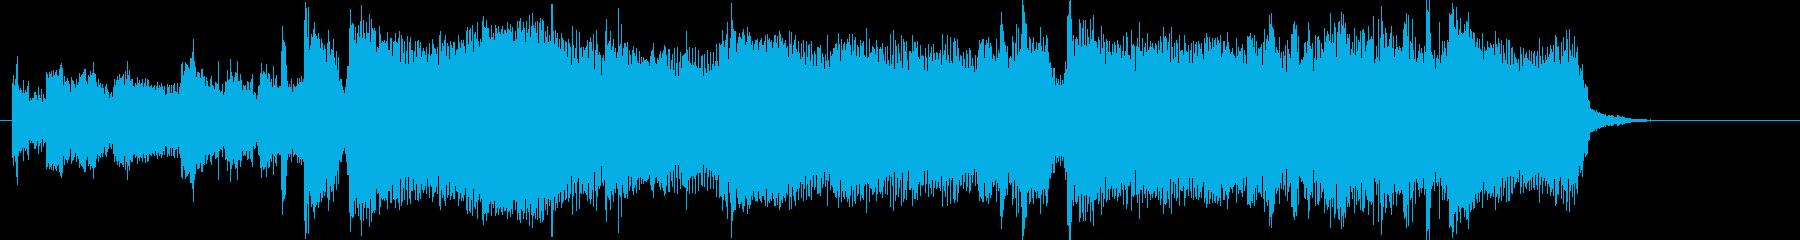 前進力のあるさわやかジングルの再生済みの波形